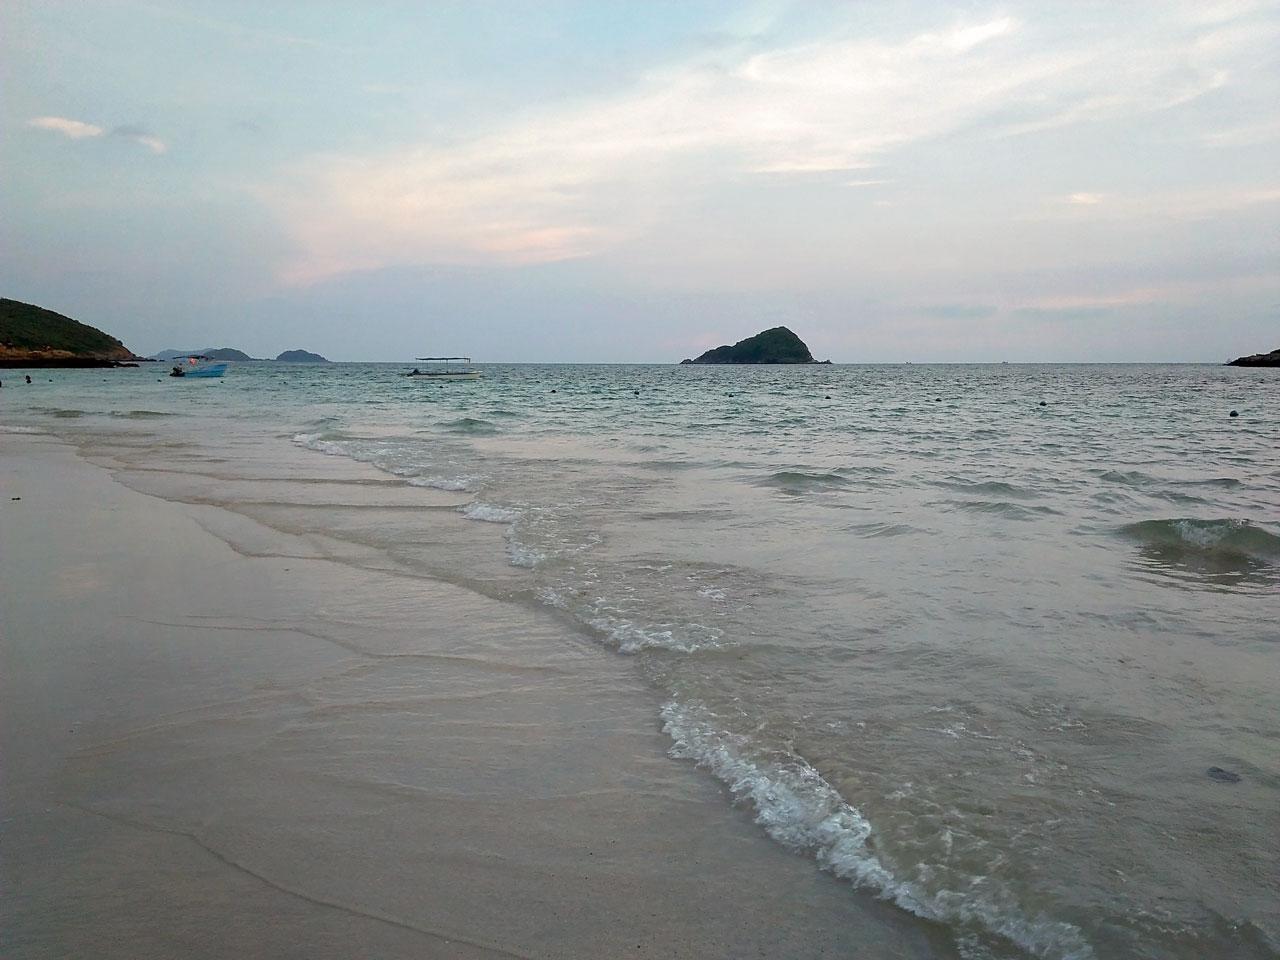 น้ำใสๆน่าเล่นมาก หาดนางรำ สัตหีบ ชลบุรี